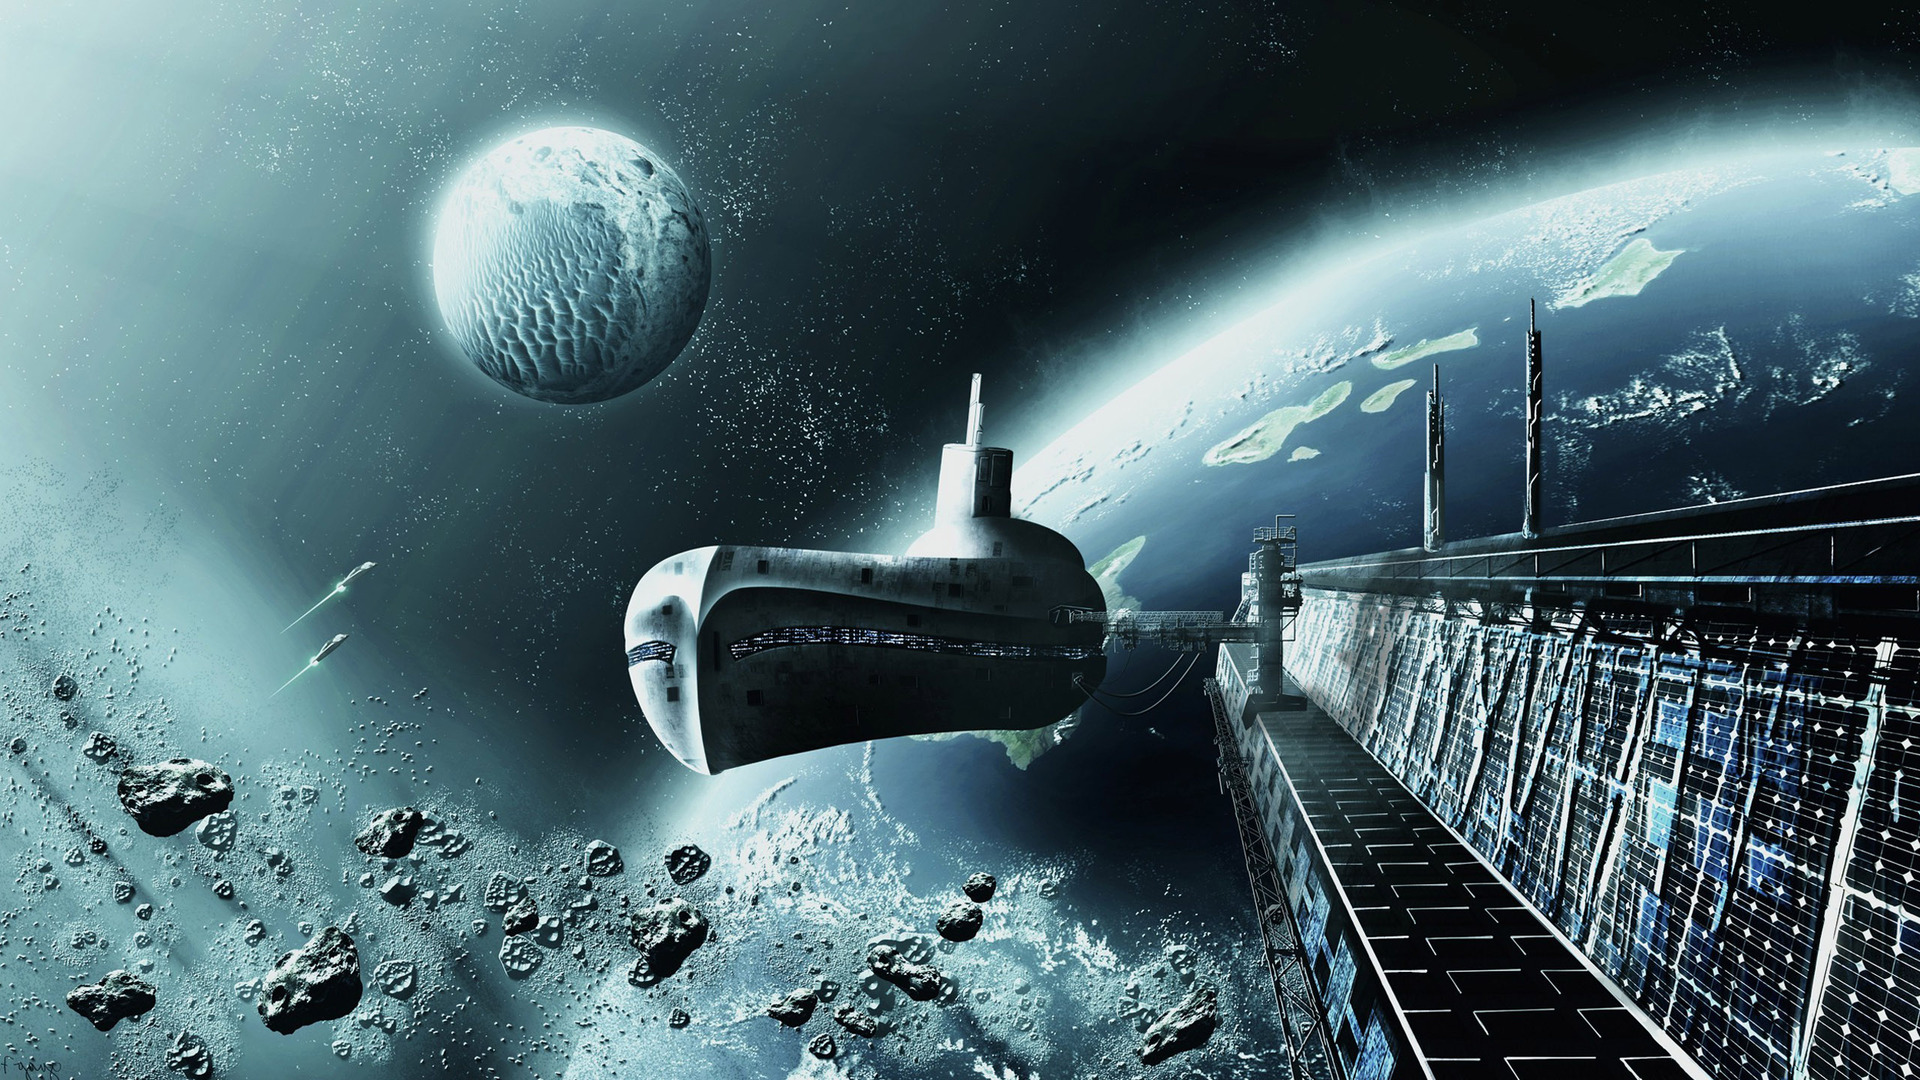 Submarine like spaceship wallpaper 14703 1920x1080